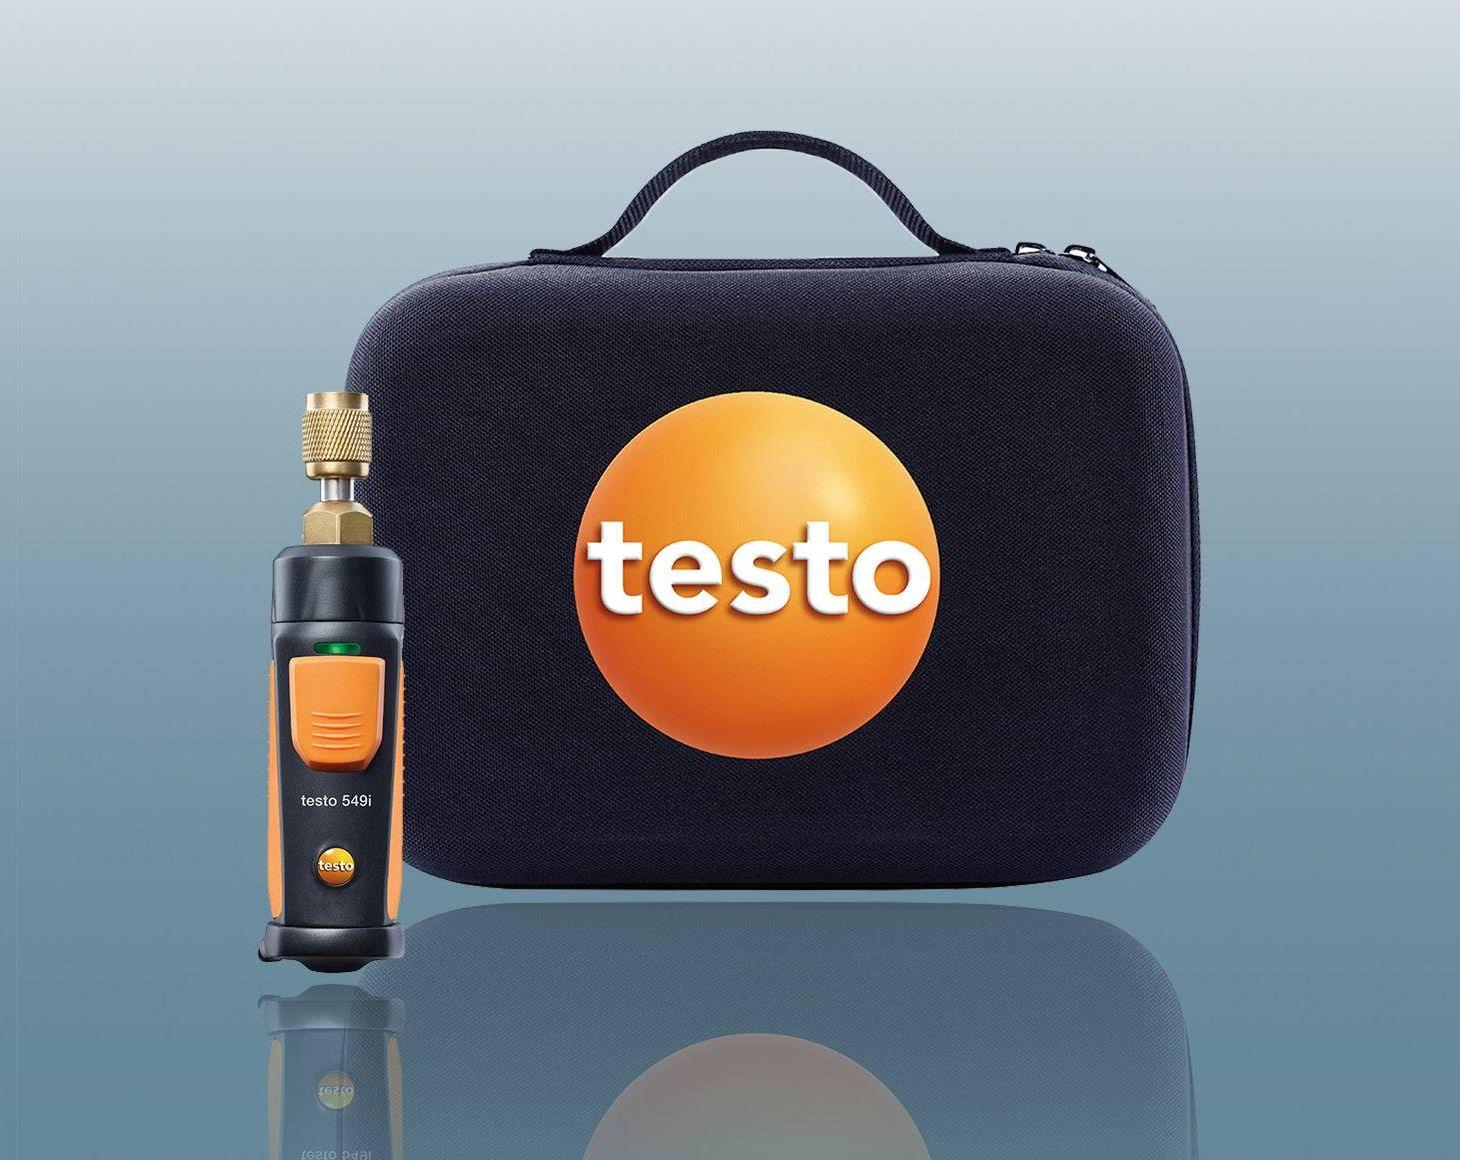 testo Smart Probes Anwendung Druckmessung